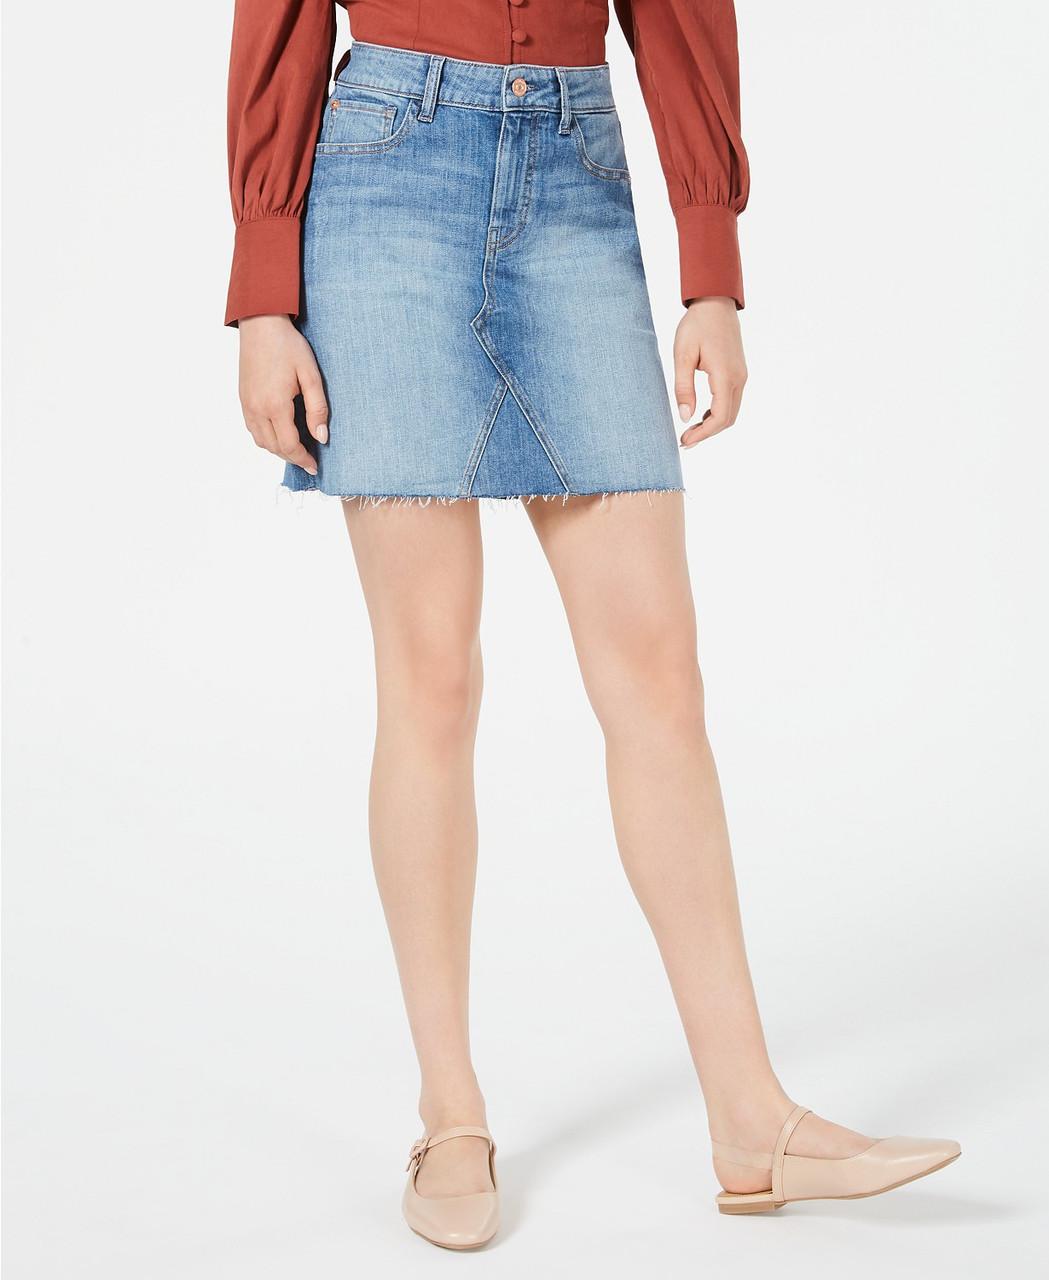 M1858 Женская джинсовая юбка - Е2